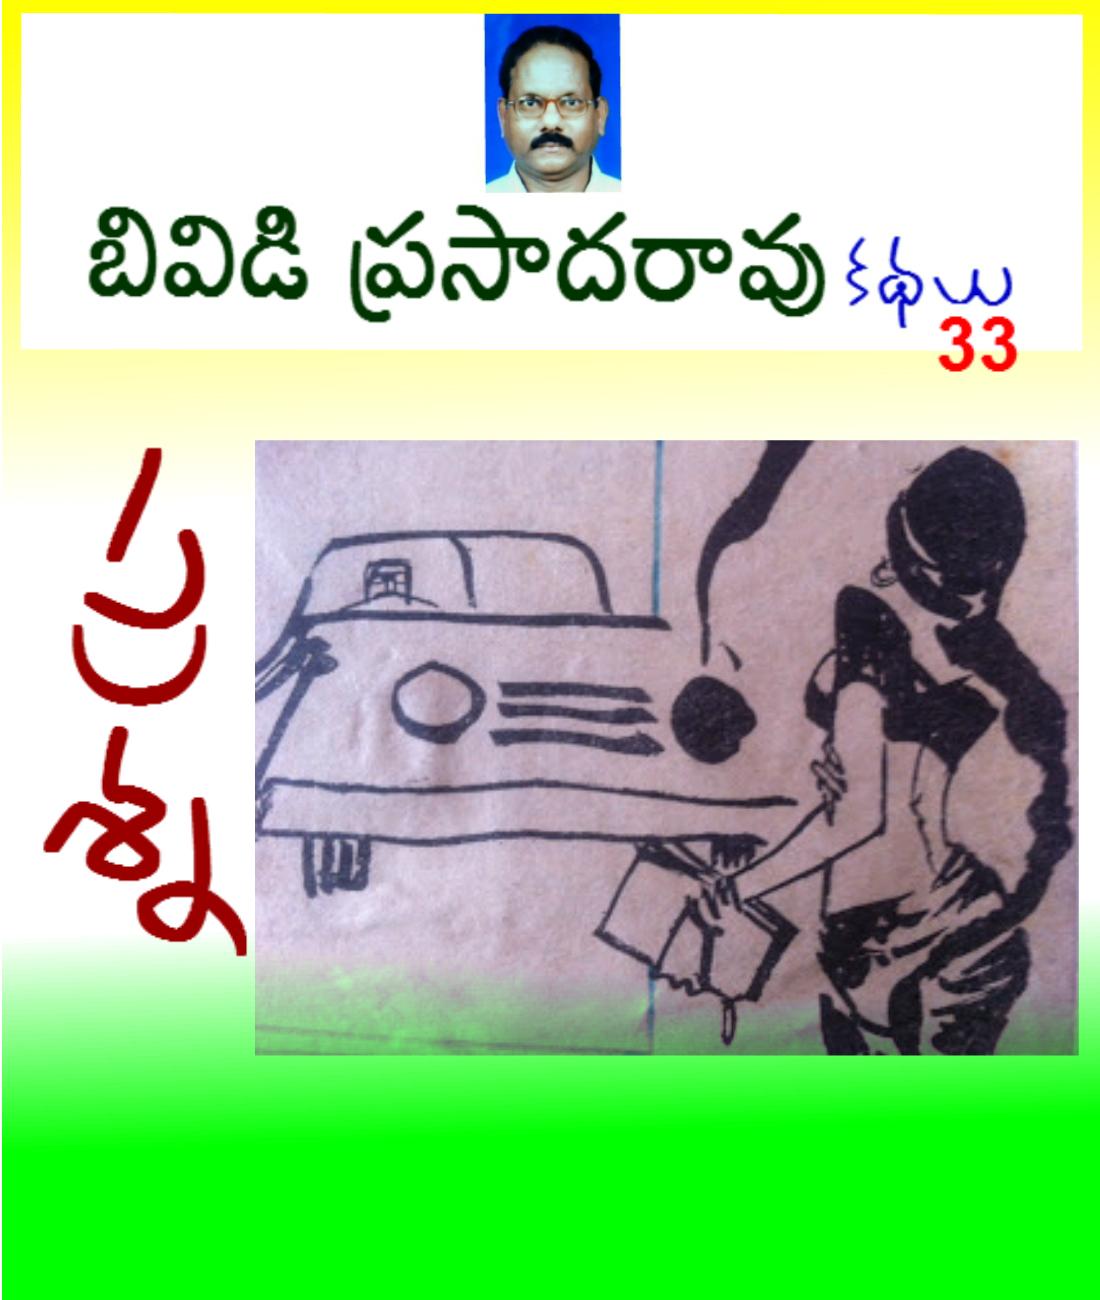 క్రింద క్లిక్/టచ్ చేయండి